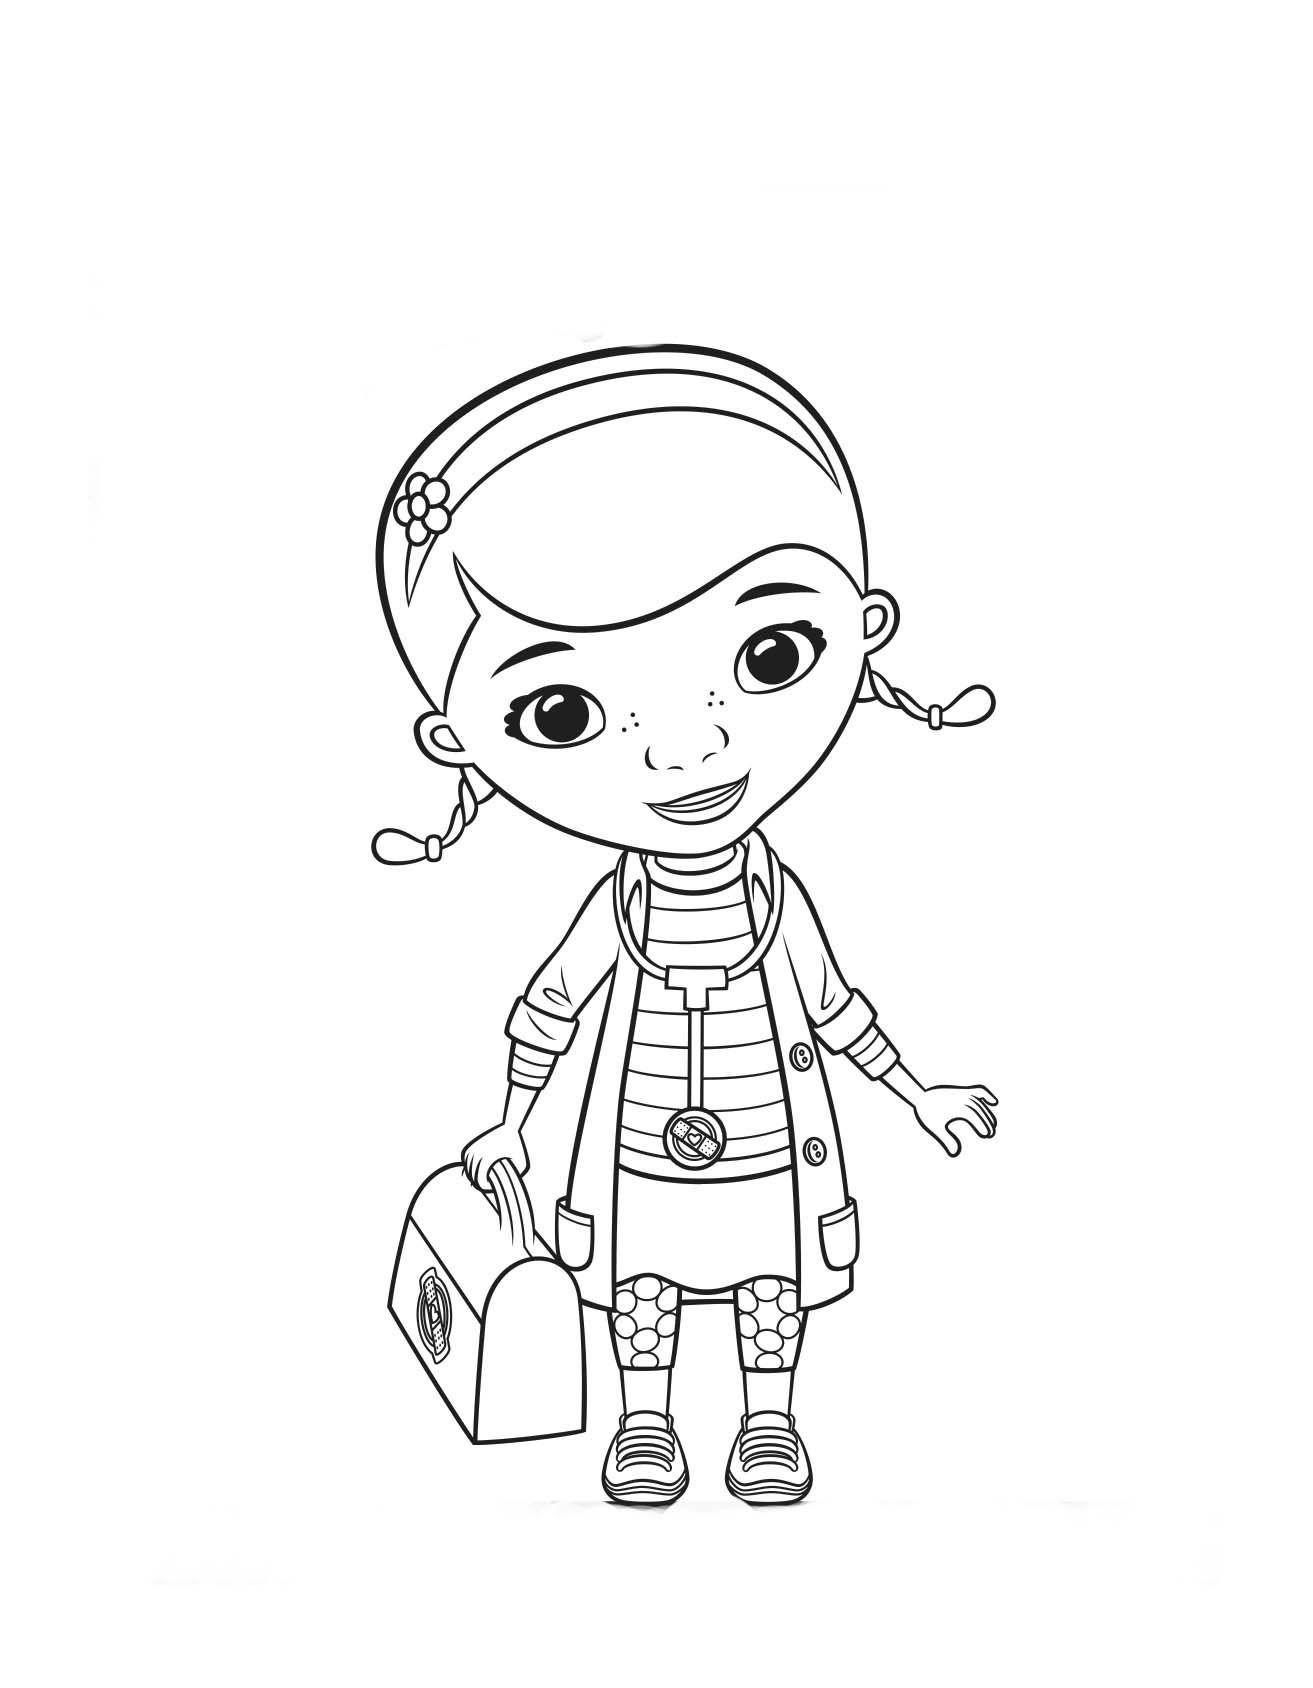 Pin Do A Mariana Matias Em Desenhos Para Pintar: Doutora Brinquedos Desenho Para Colorir